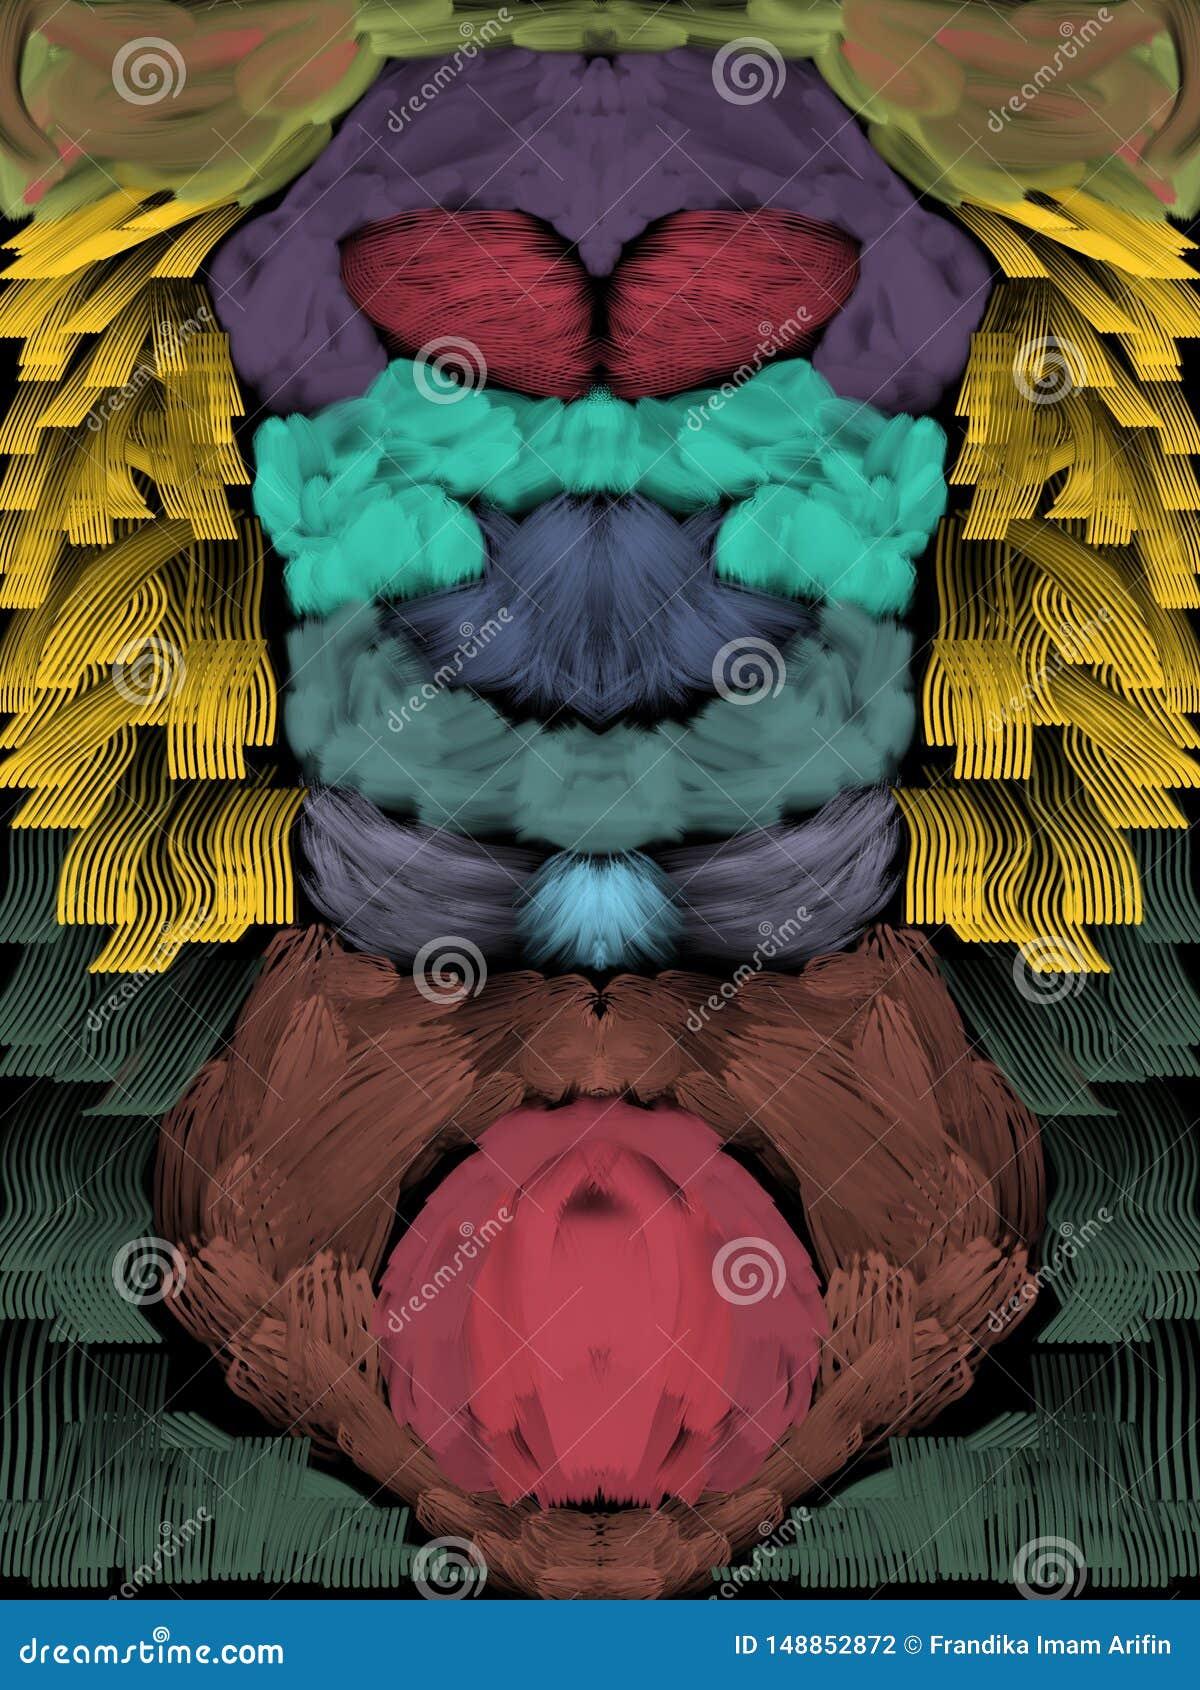 δείτε από την κορυφή ή το κατώτατο σημείο και το ζουμ σε κάθε χρώμα όλα θα είναι διαφορετικό